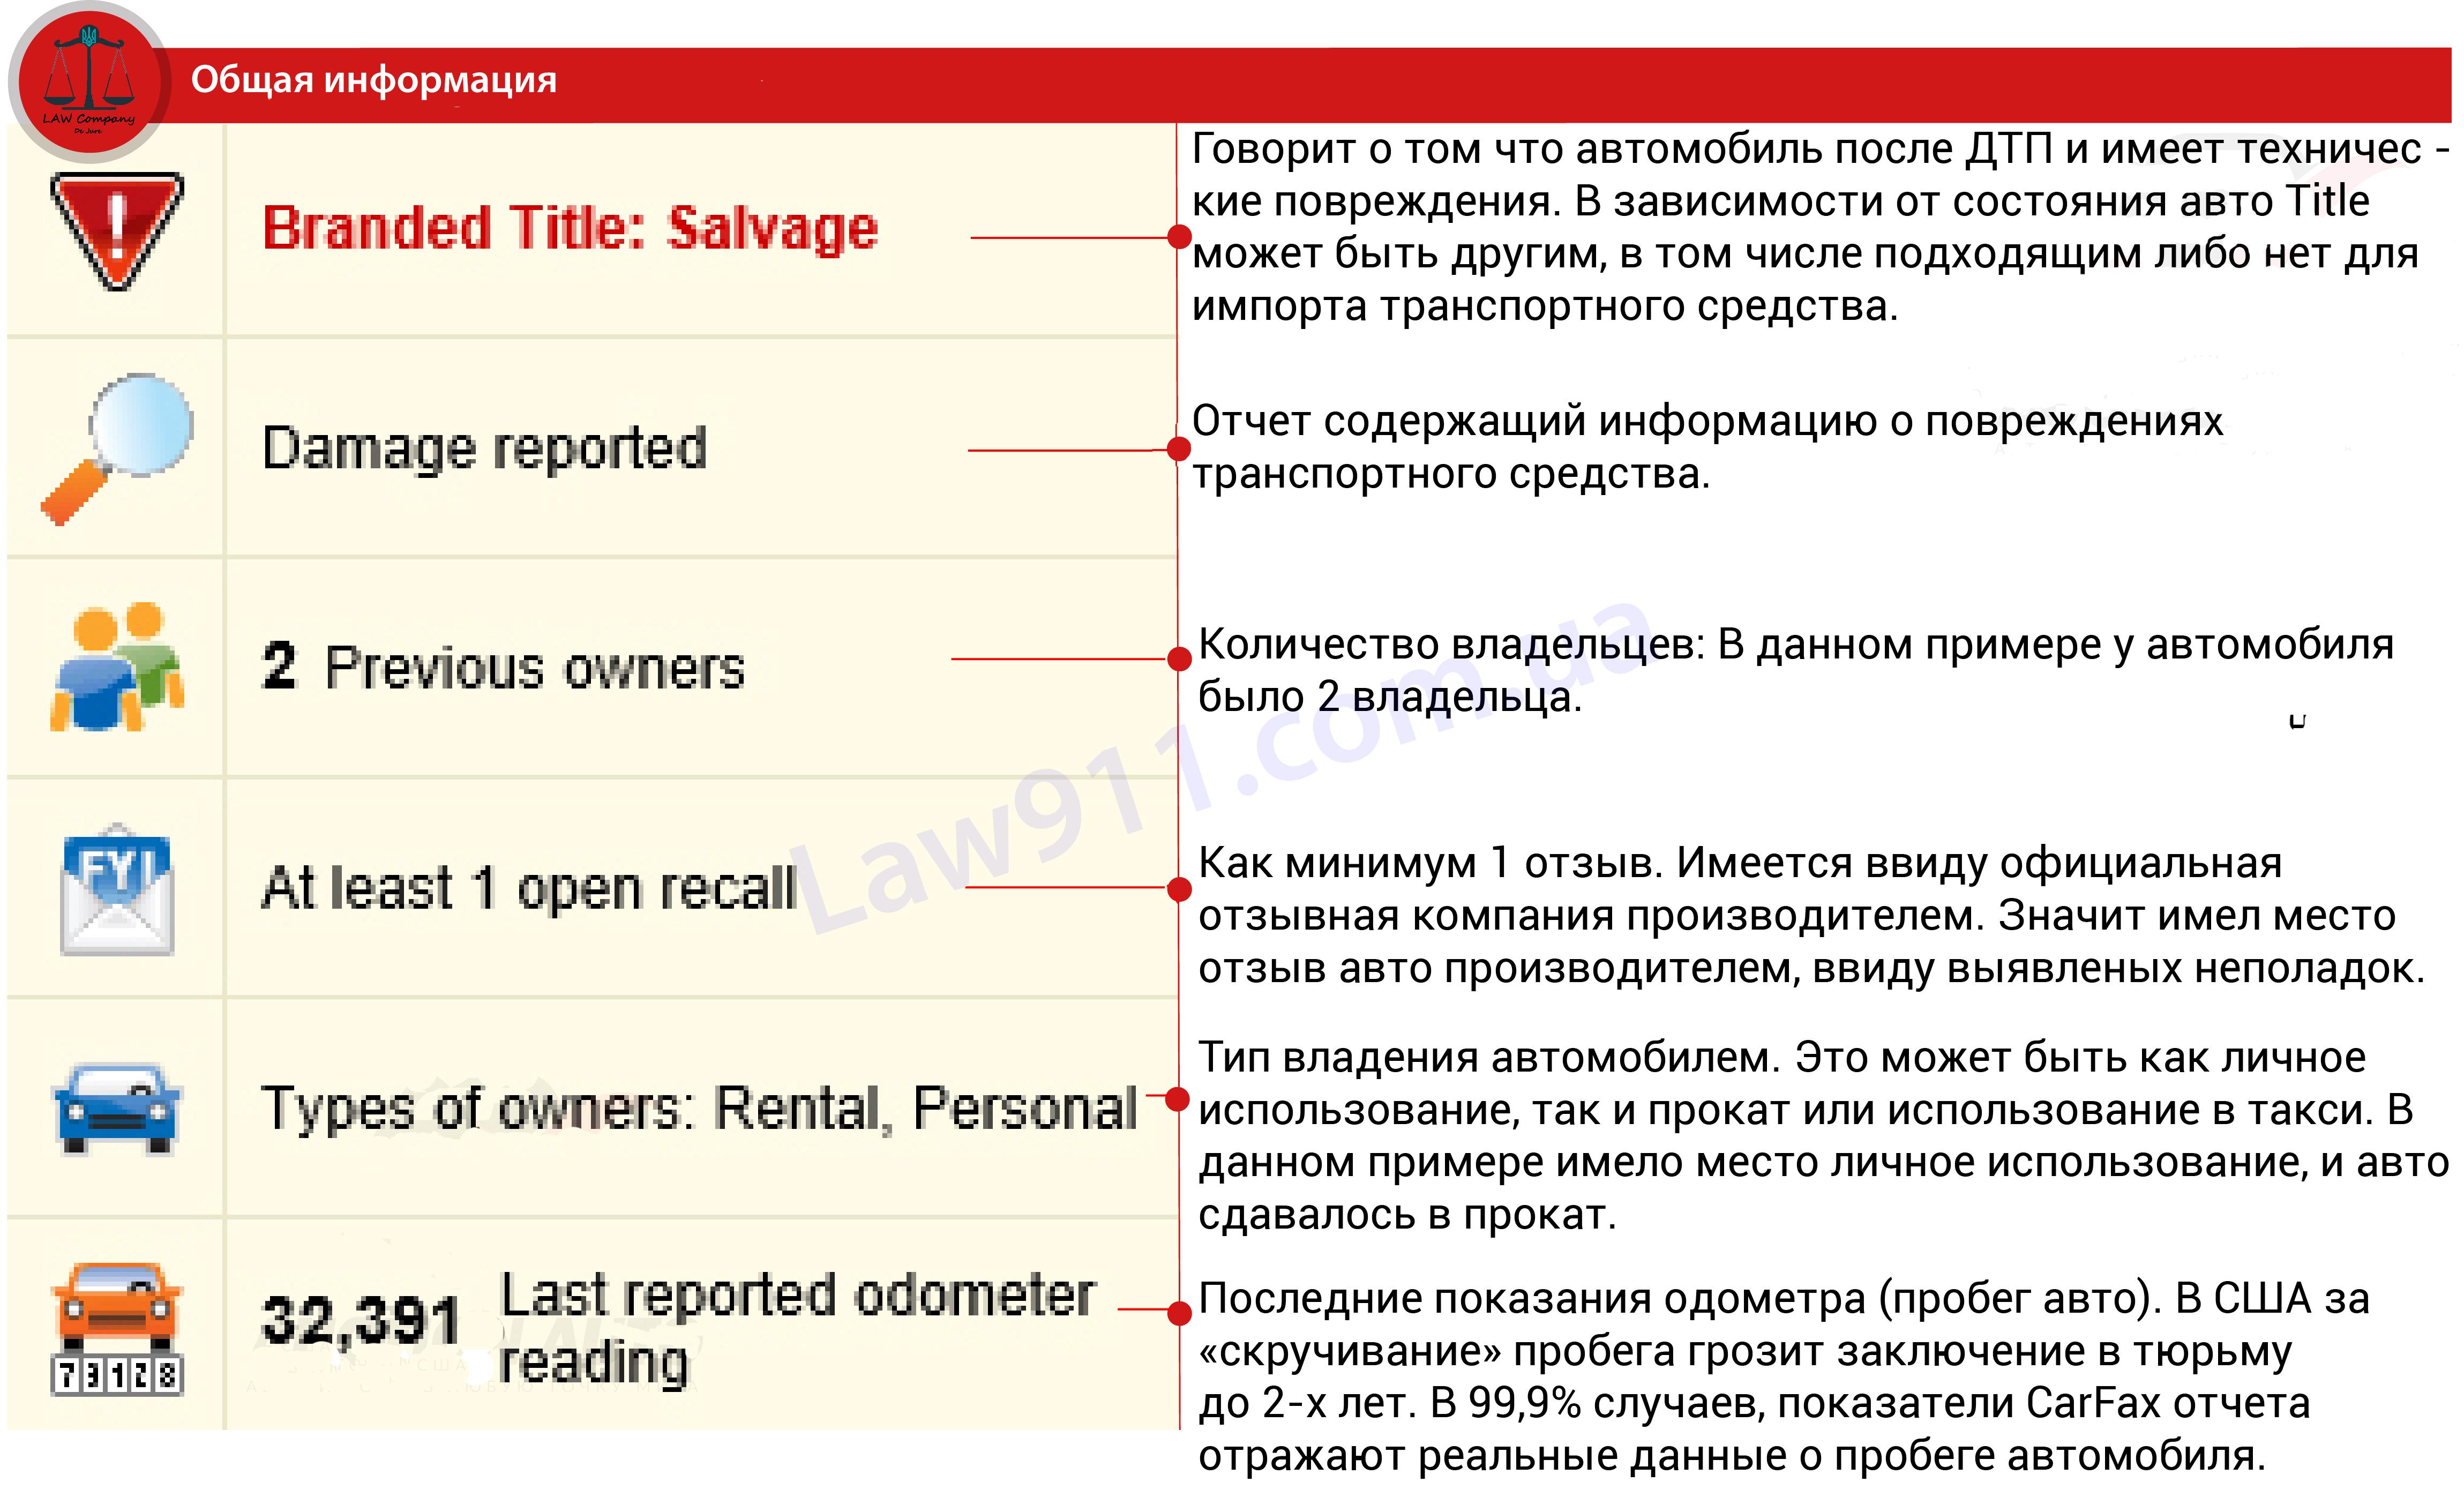 Общая информация от Carfax - Salvage